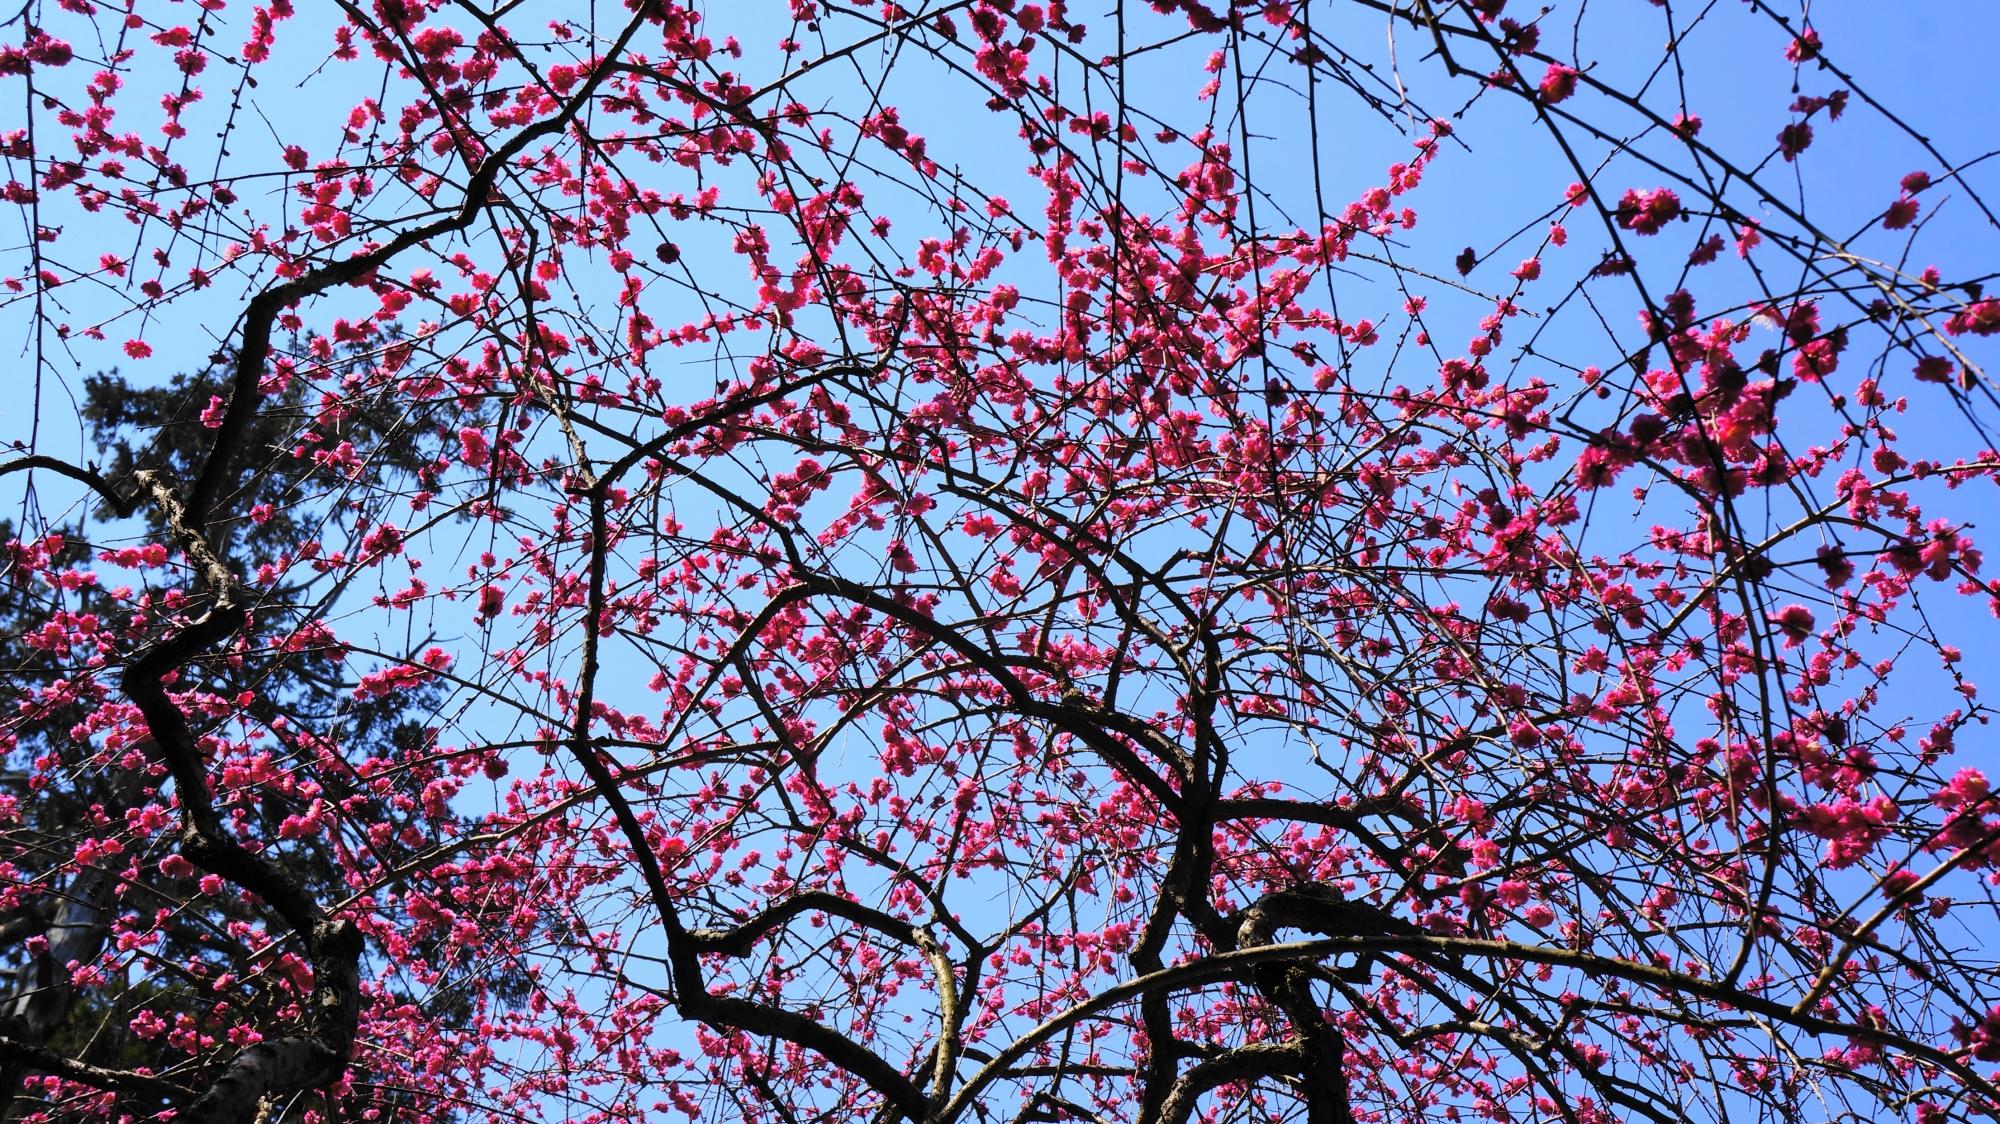 春先の空を彩る鮮やかなしだれ梅